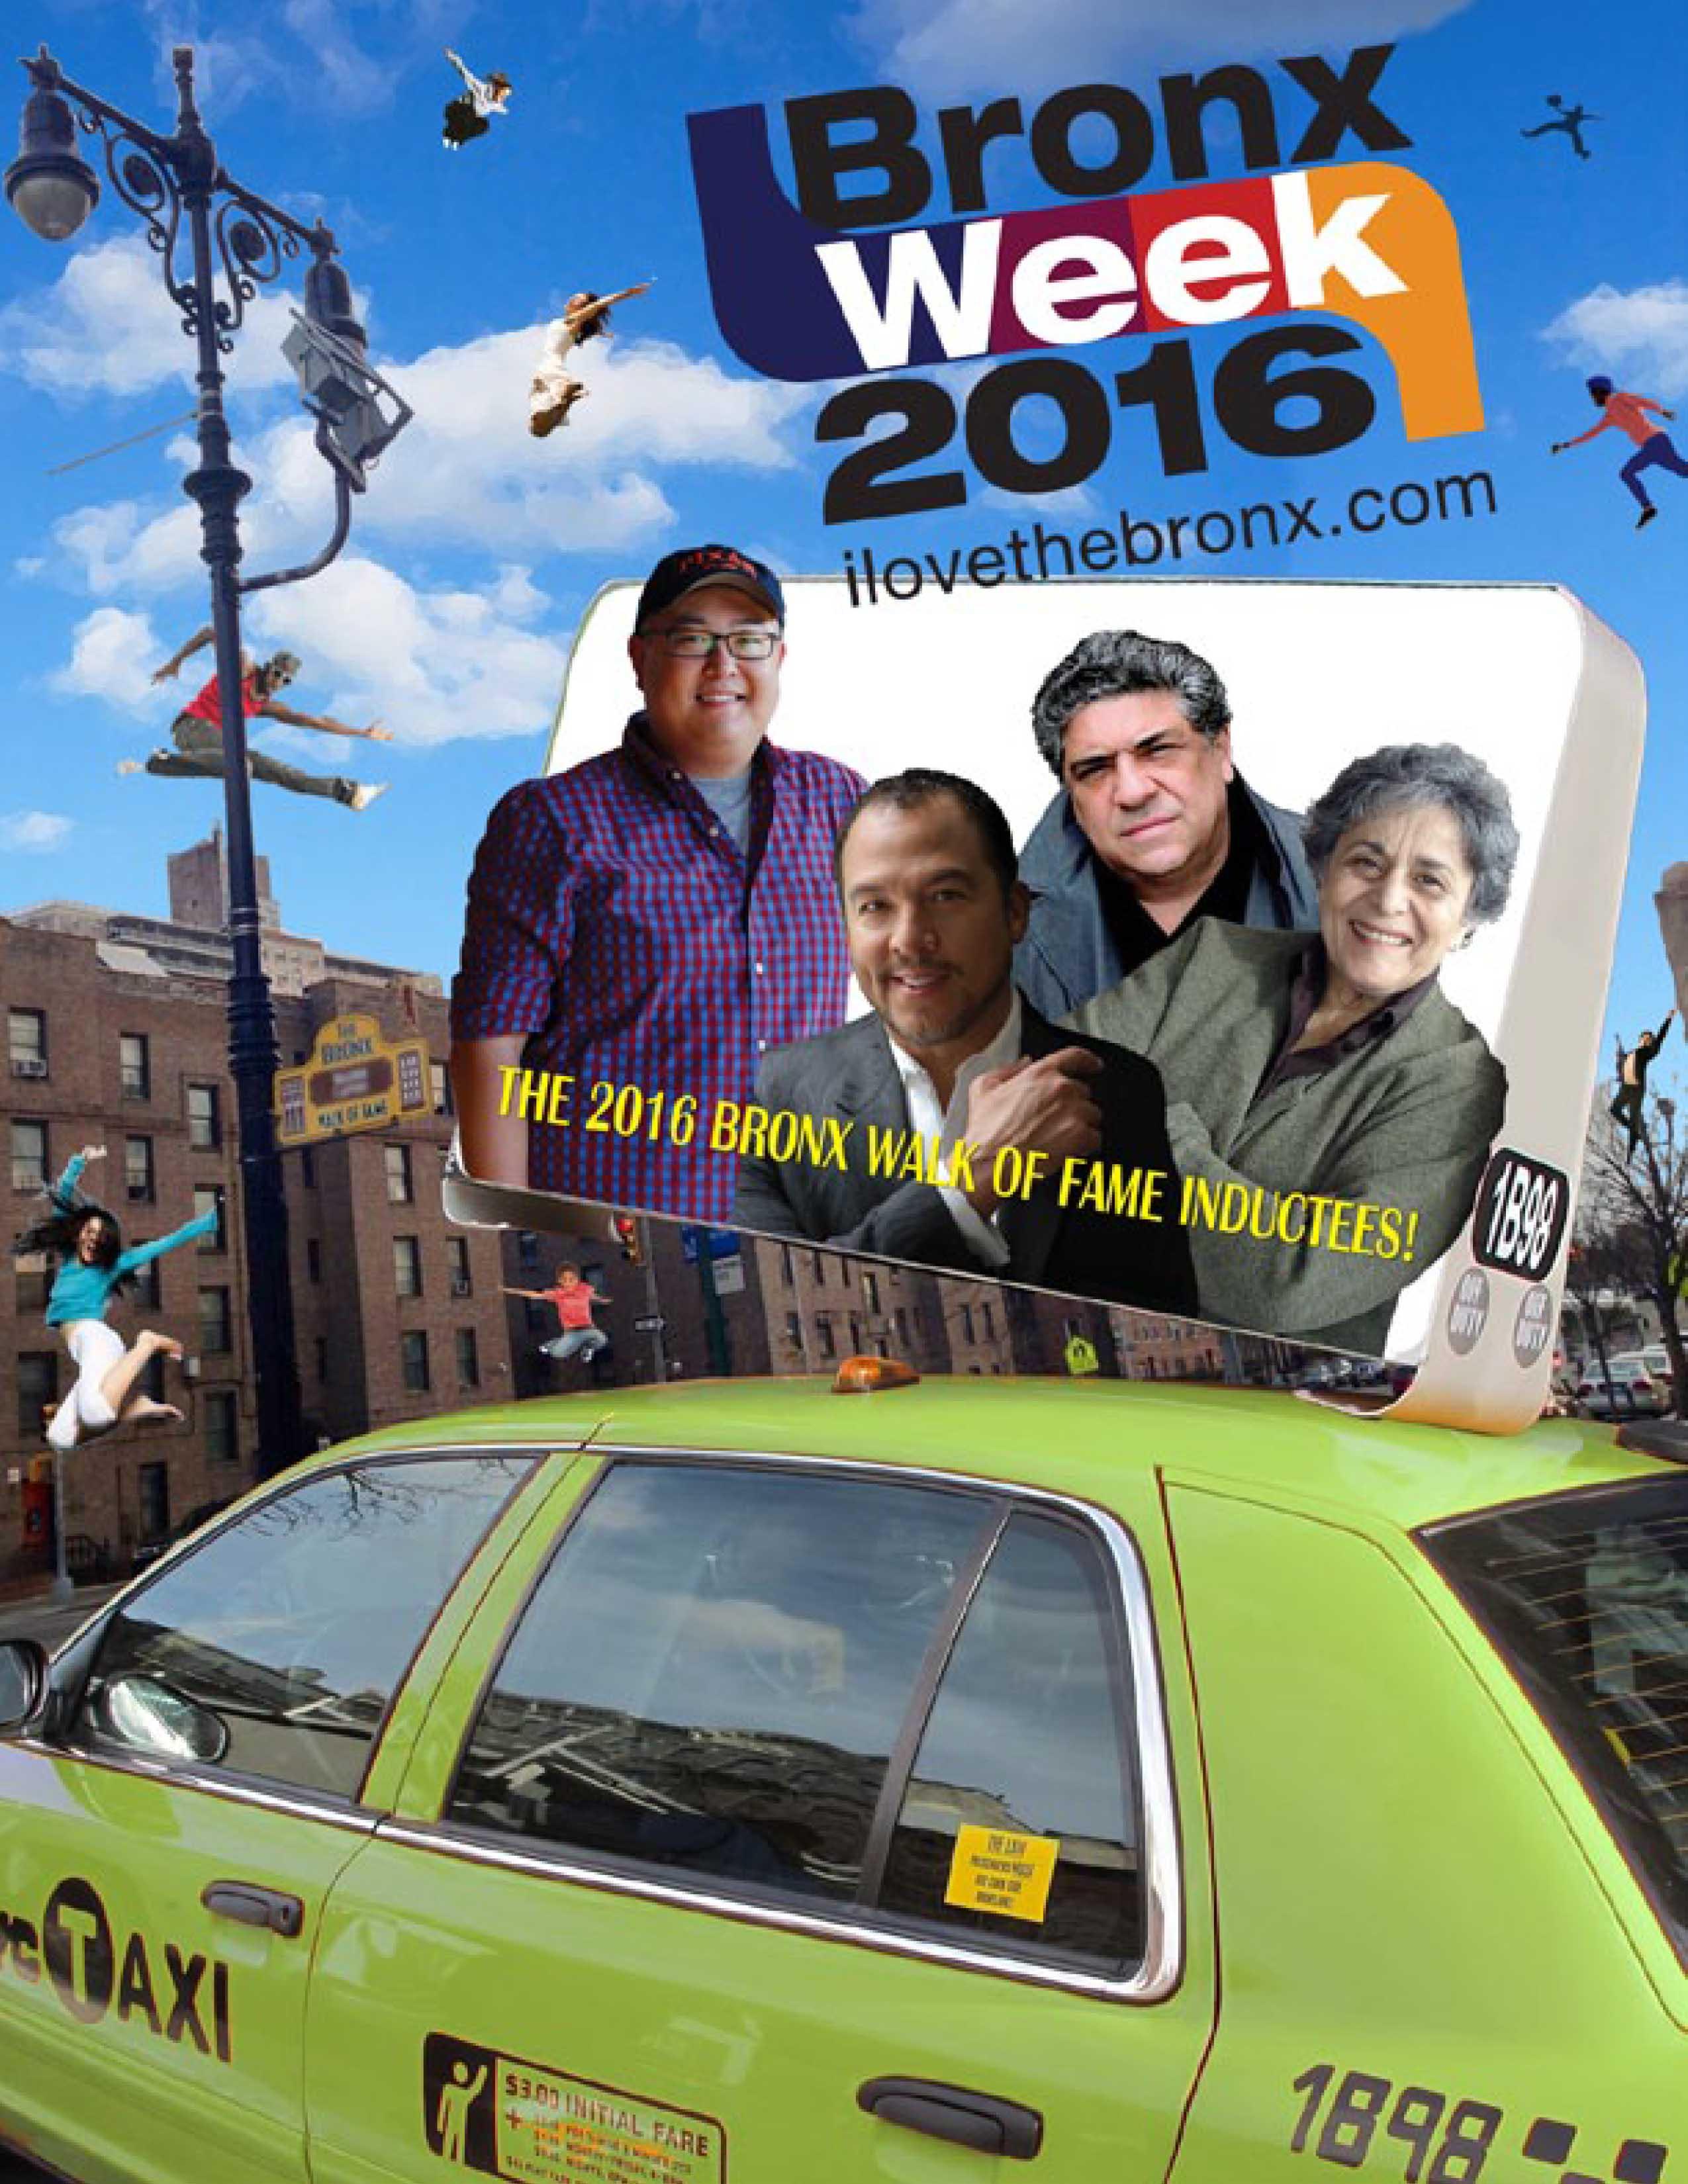 Bronx Week 2016